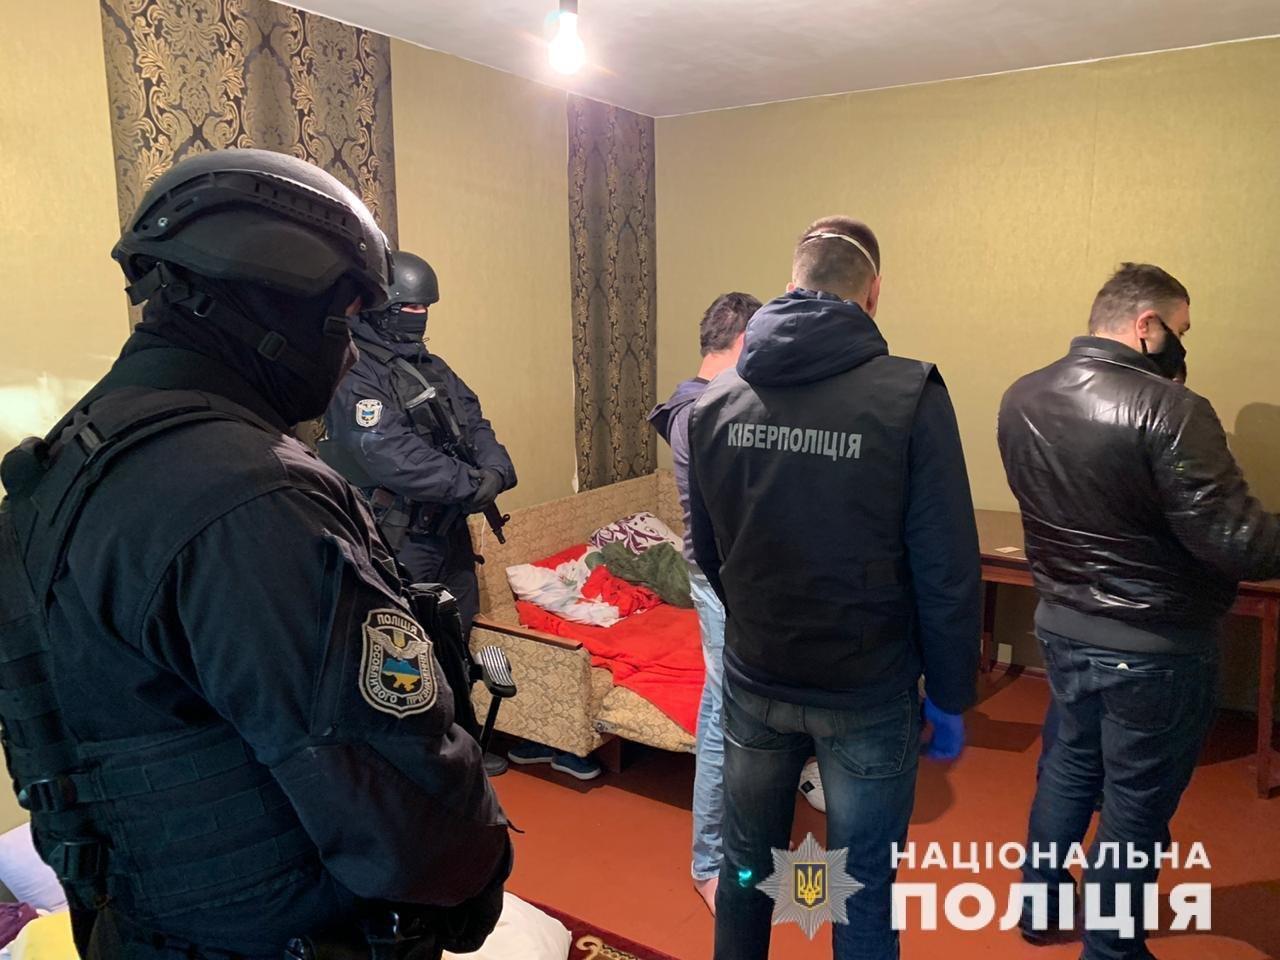 На Днепропетровщине задержали мошенников, которые под видом продажи масок и термометров выманивали деньги, - ФОТО, ВИДЕО, фото-2